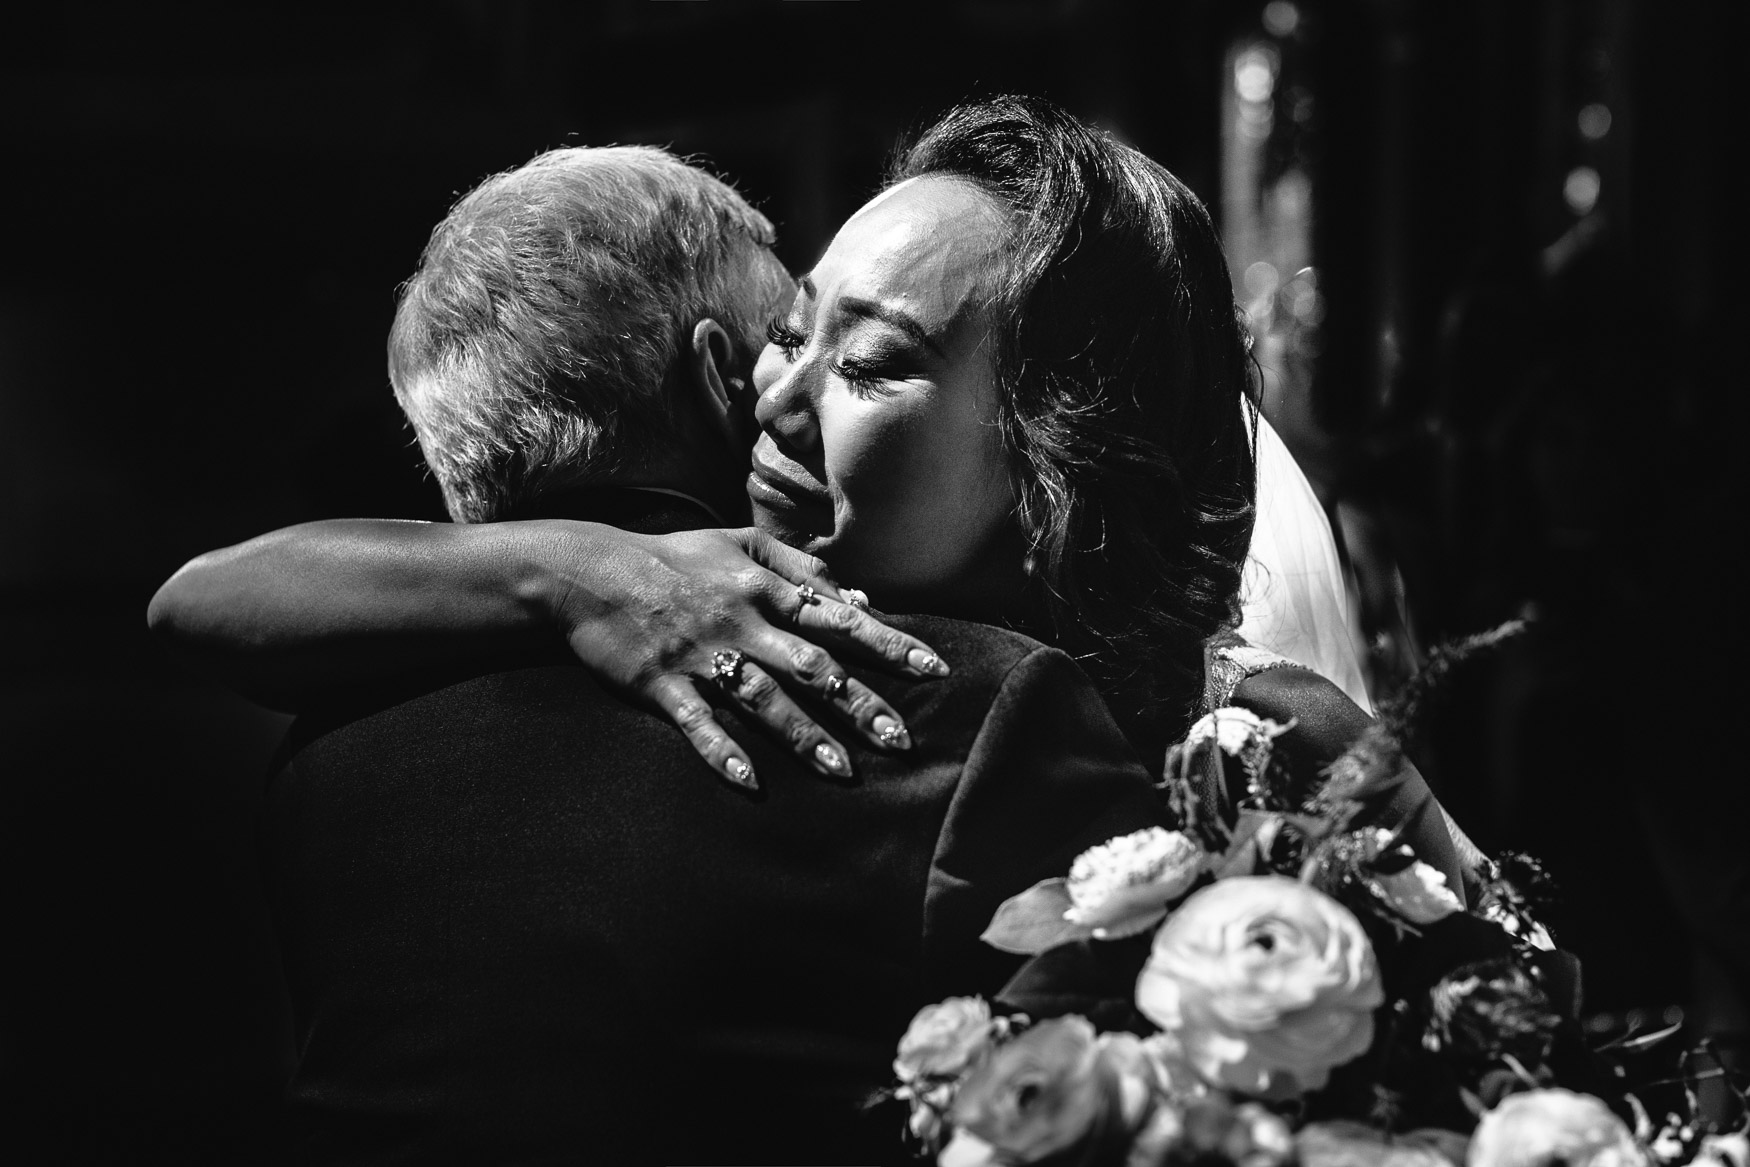 Emotional Asian Wedding Ceremony photo at Vibiana